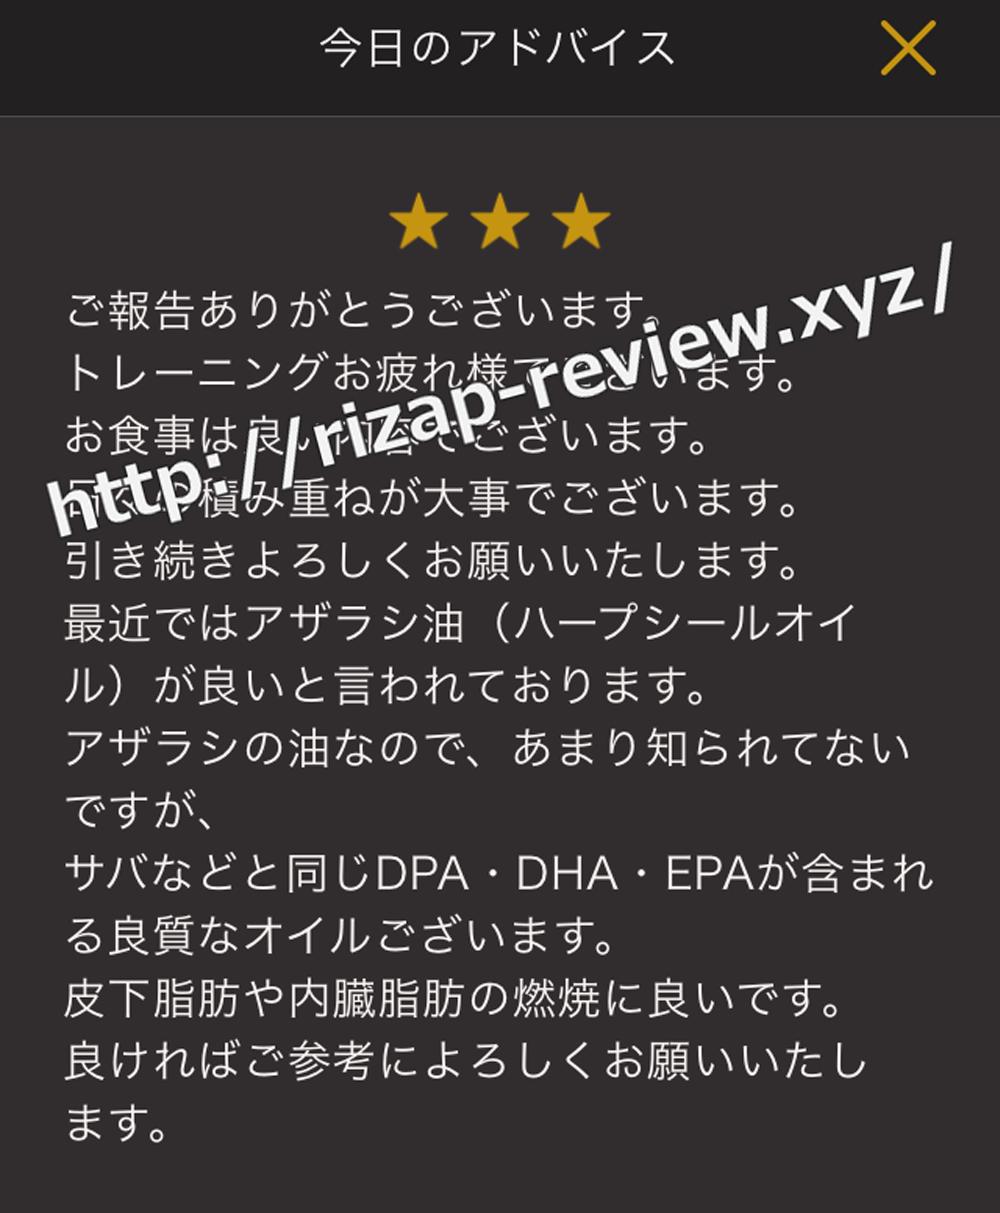 2018.1.15(火)ライザップ担当トレーナーからの総評・コメント